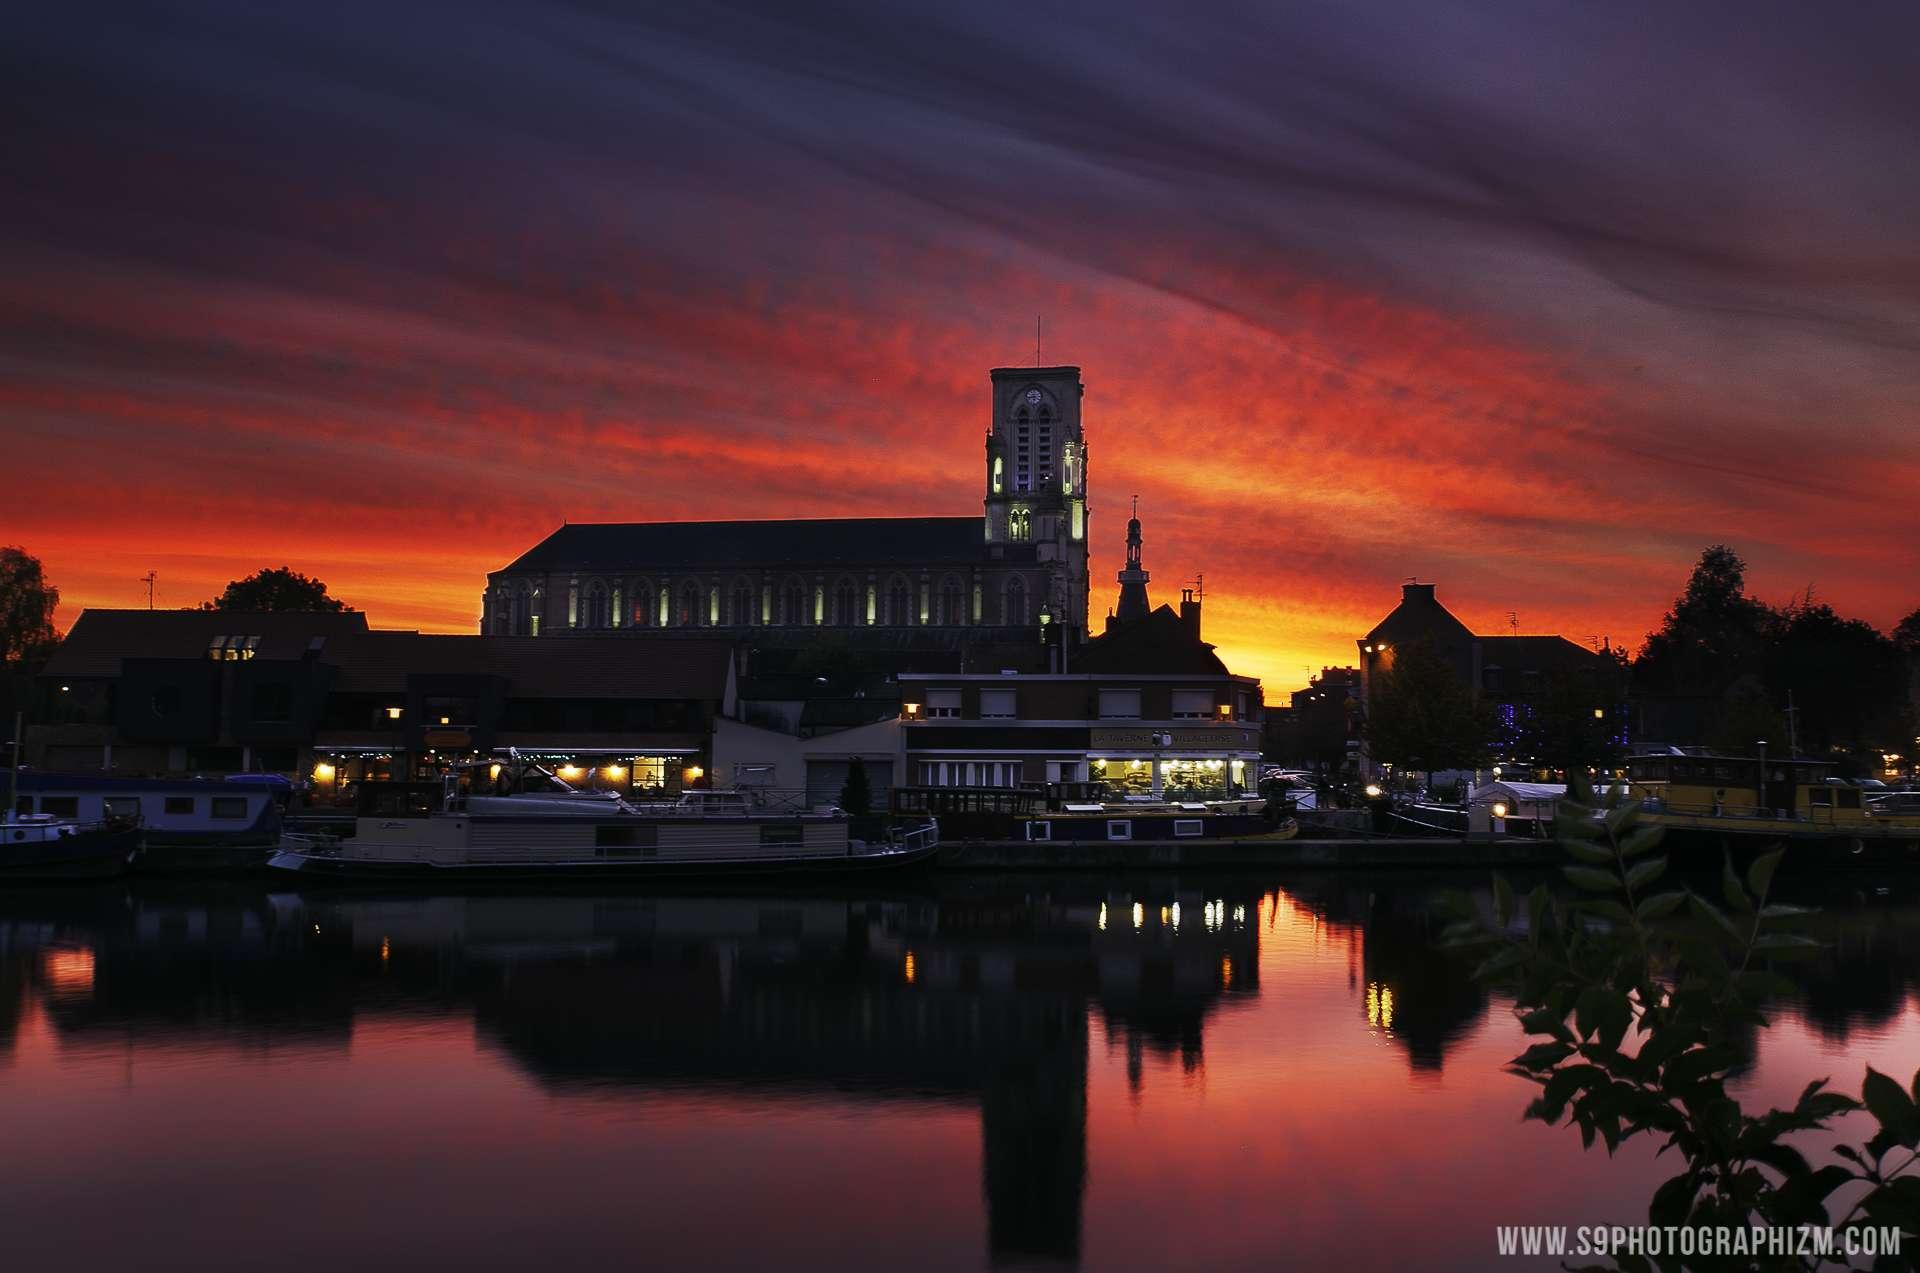 s9 photographizm photographe professionnelle de paysages nature et urbain basée à Lille région hauts de france